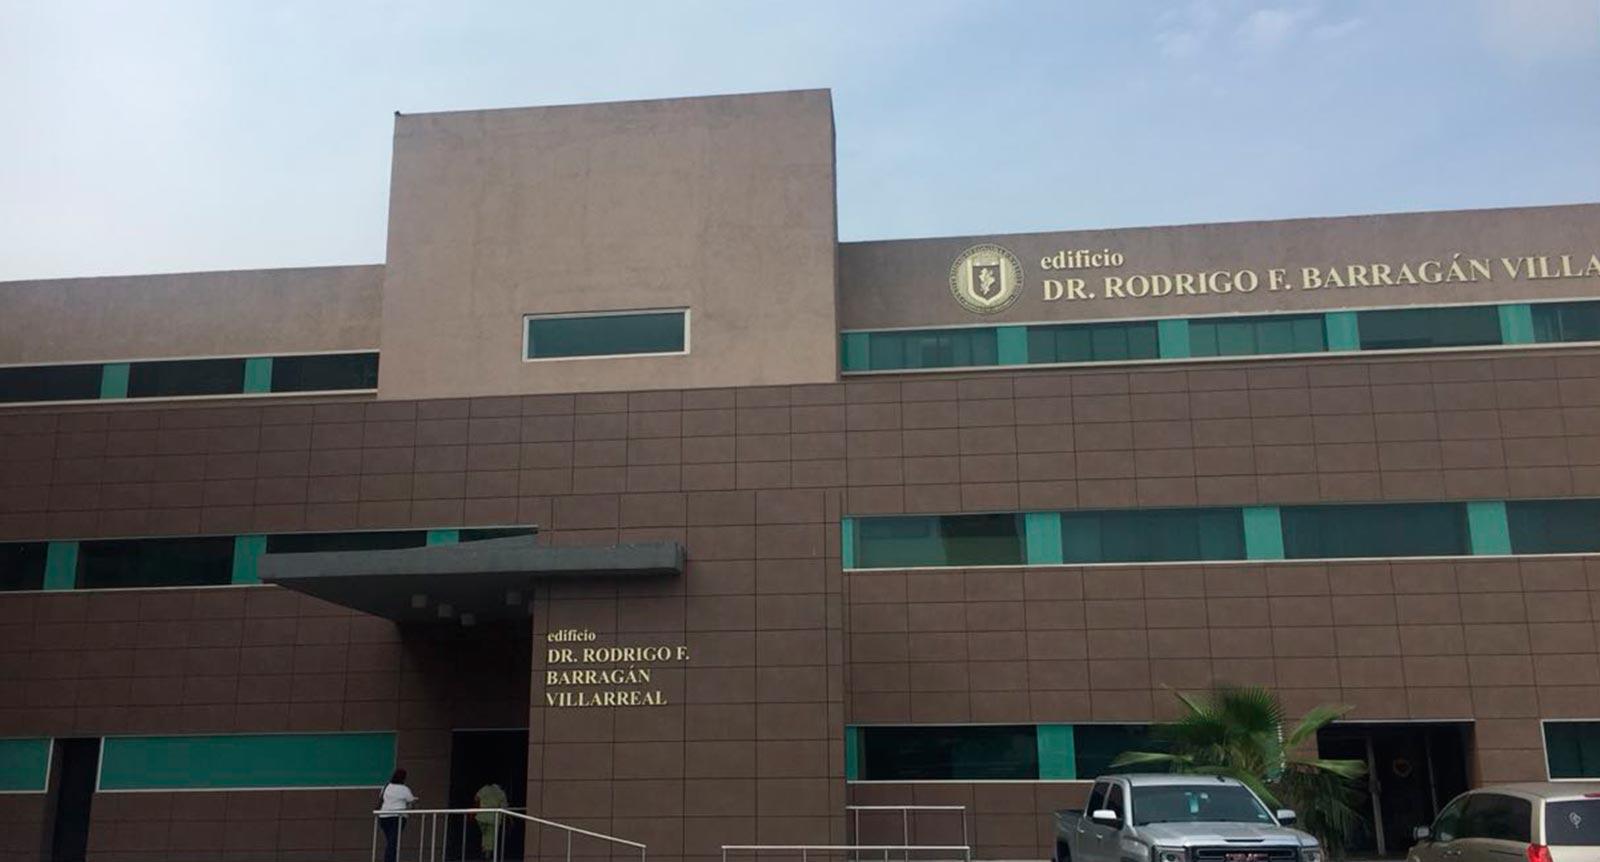 Centro Regional de Alergia e Inmunología Clínica (CRAIC)